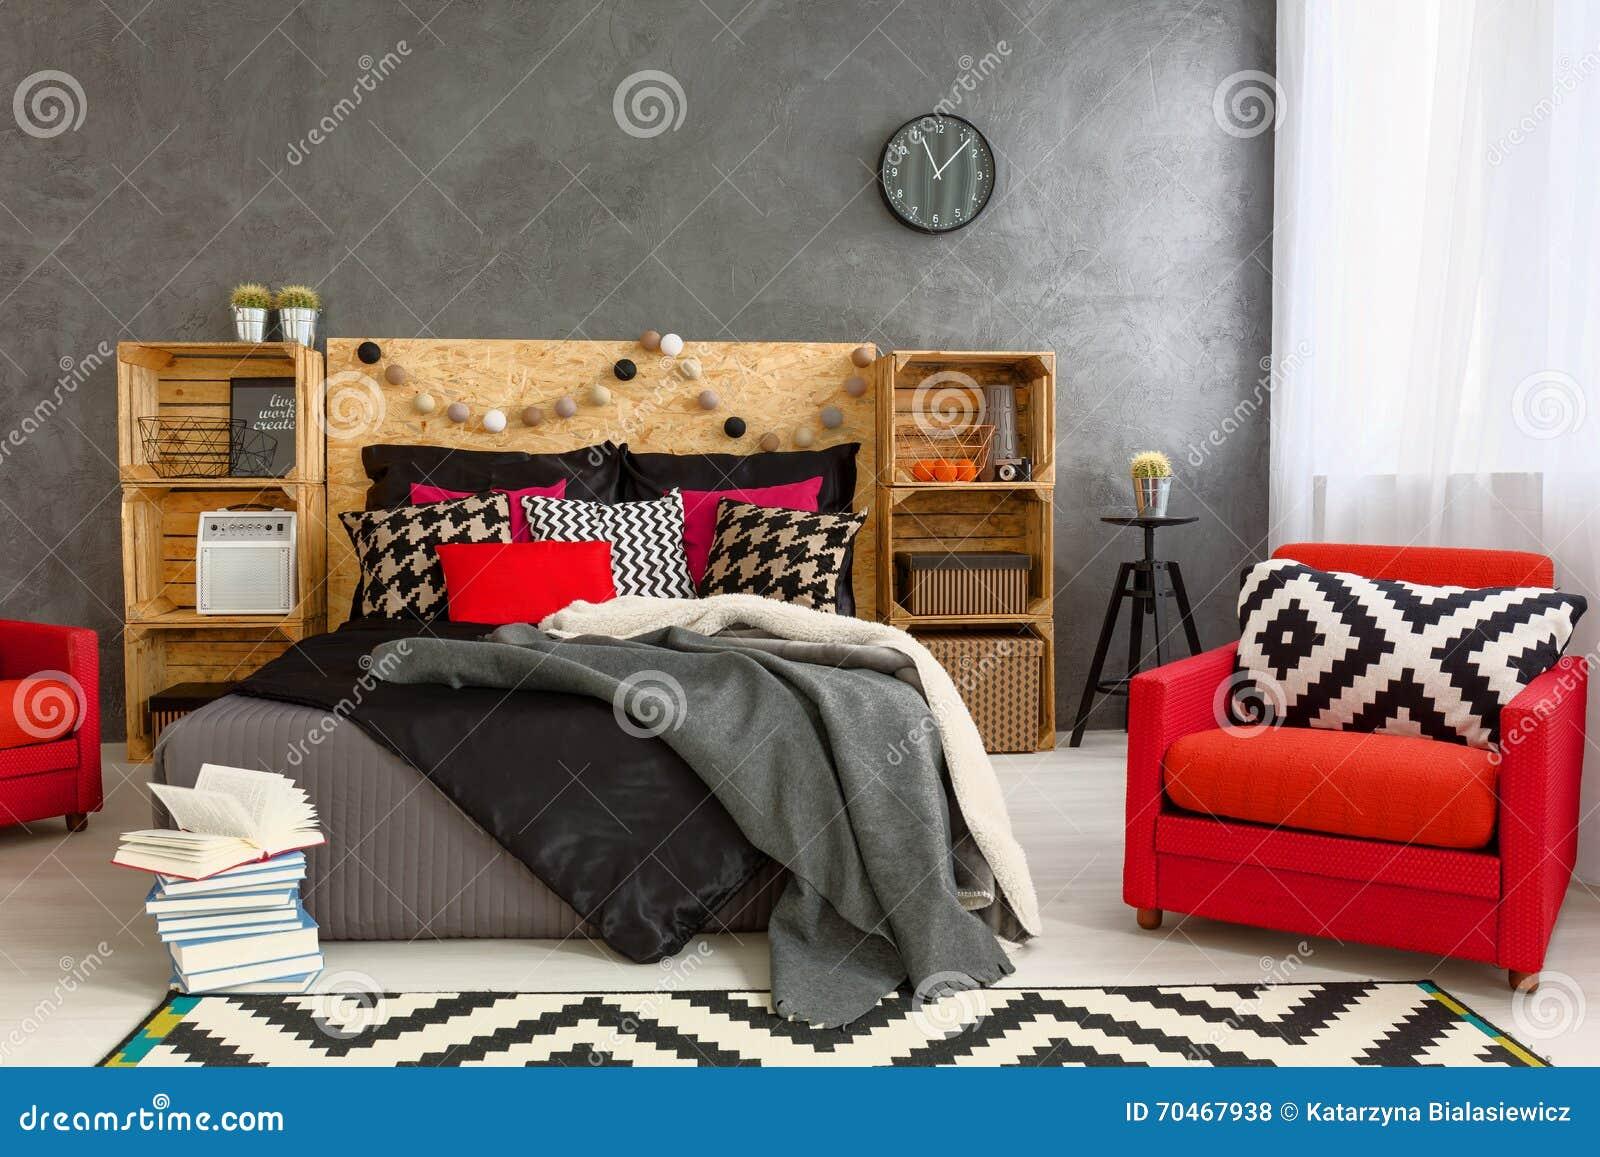 Gemutliches Schlafzimmer Im Grau Mit Schoner Inneneinrichtung Stockfoto Bild Von Teppich Flach 70467938